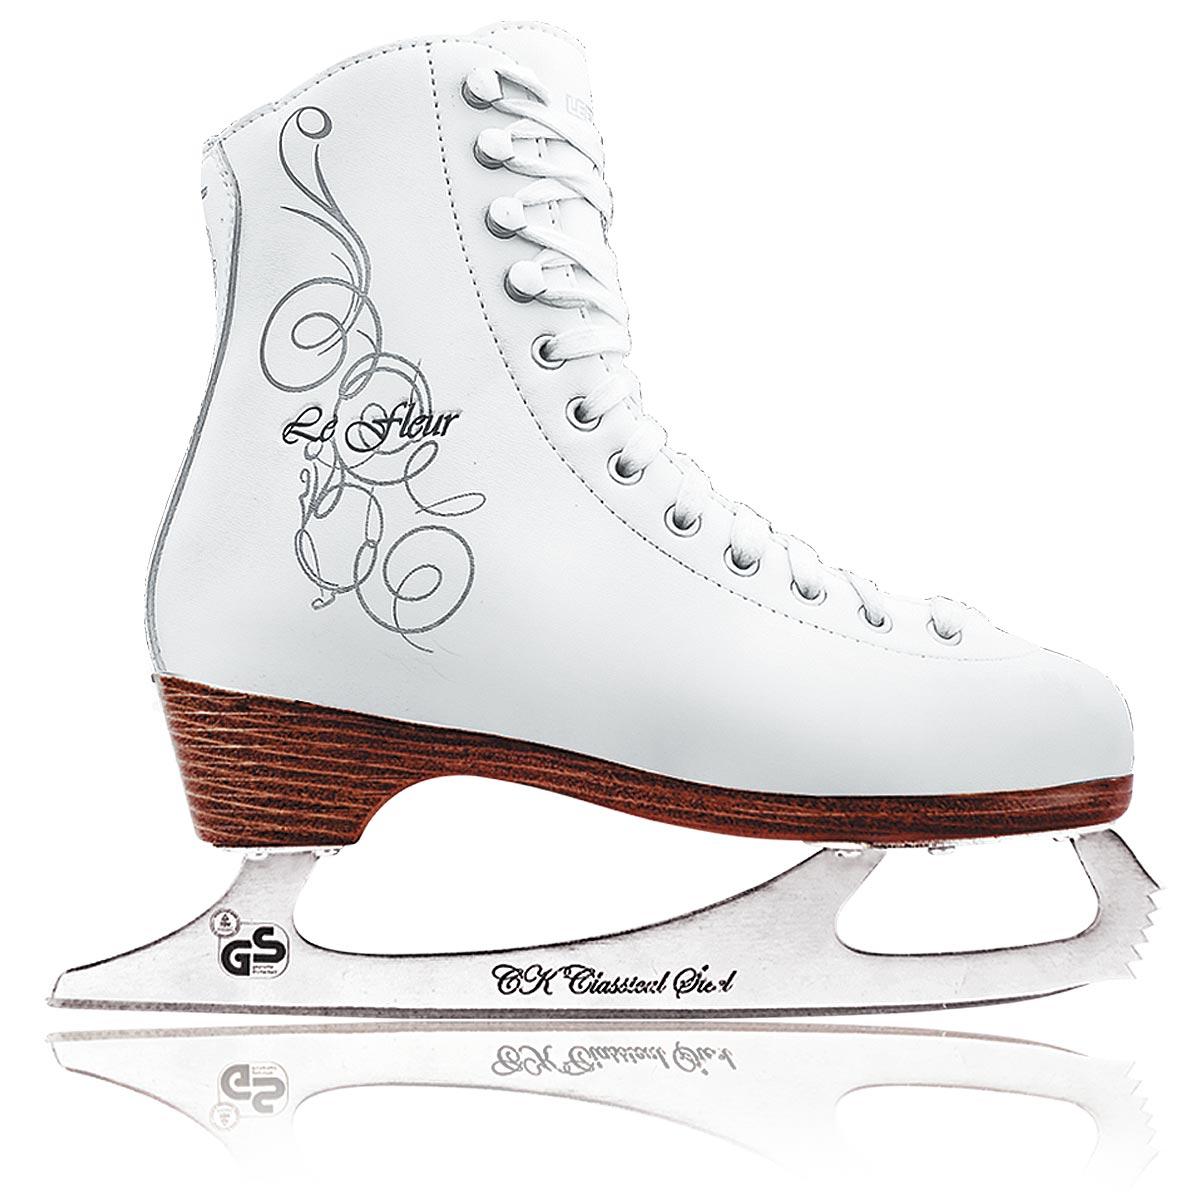 Коньки фигурные для девочки СК Le Fleur Leather 100%, цвет: белый, серебряный. Размер 31Le Fleur Leather 100%_белый, серебряный_31